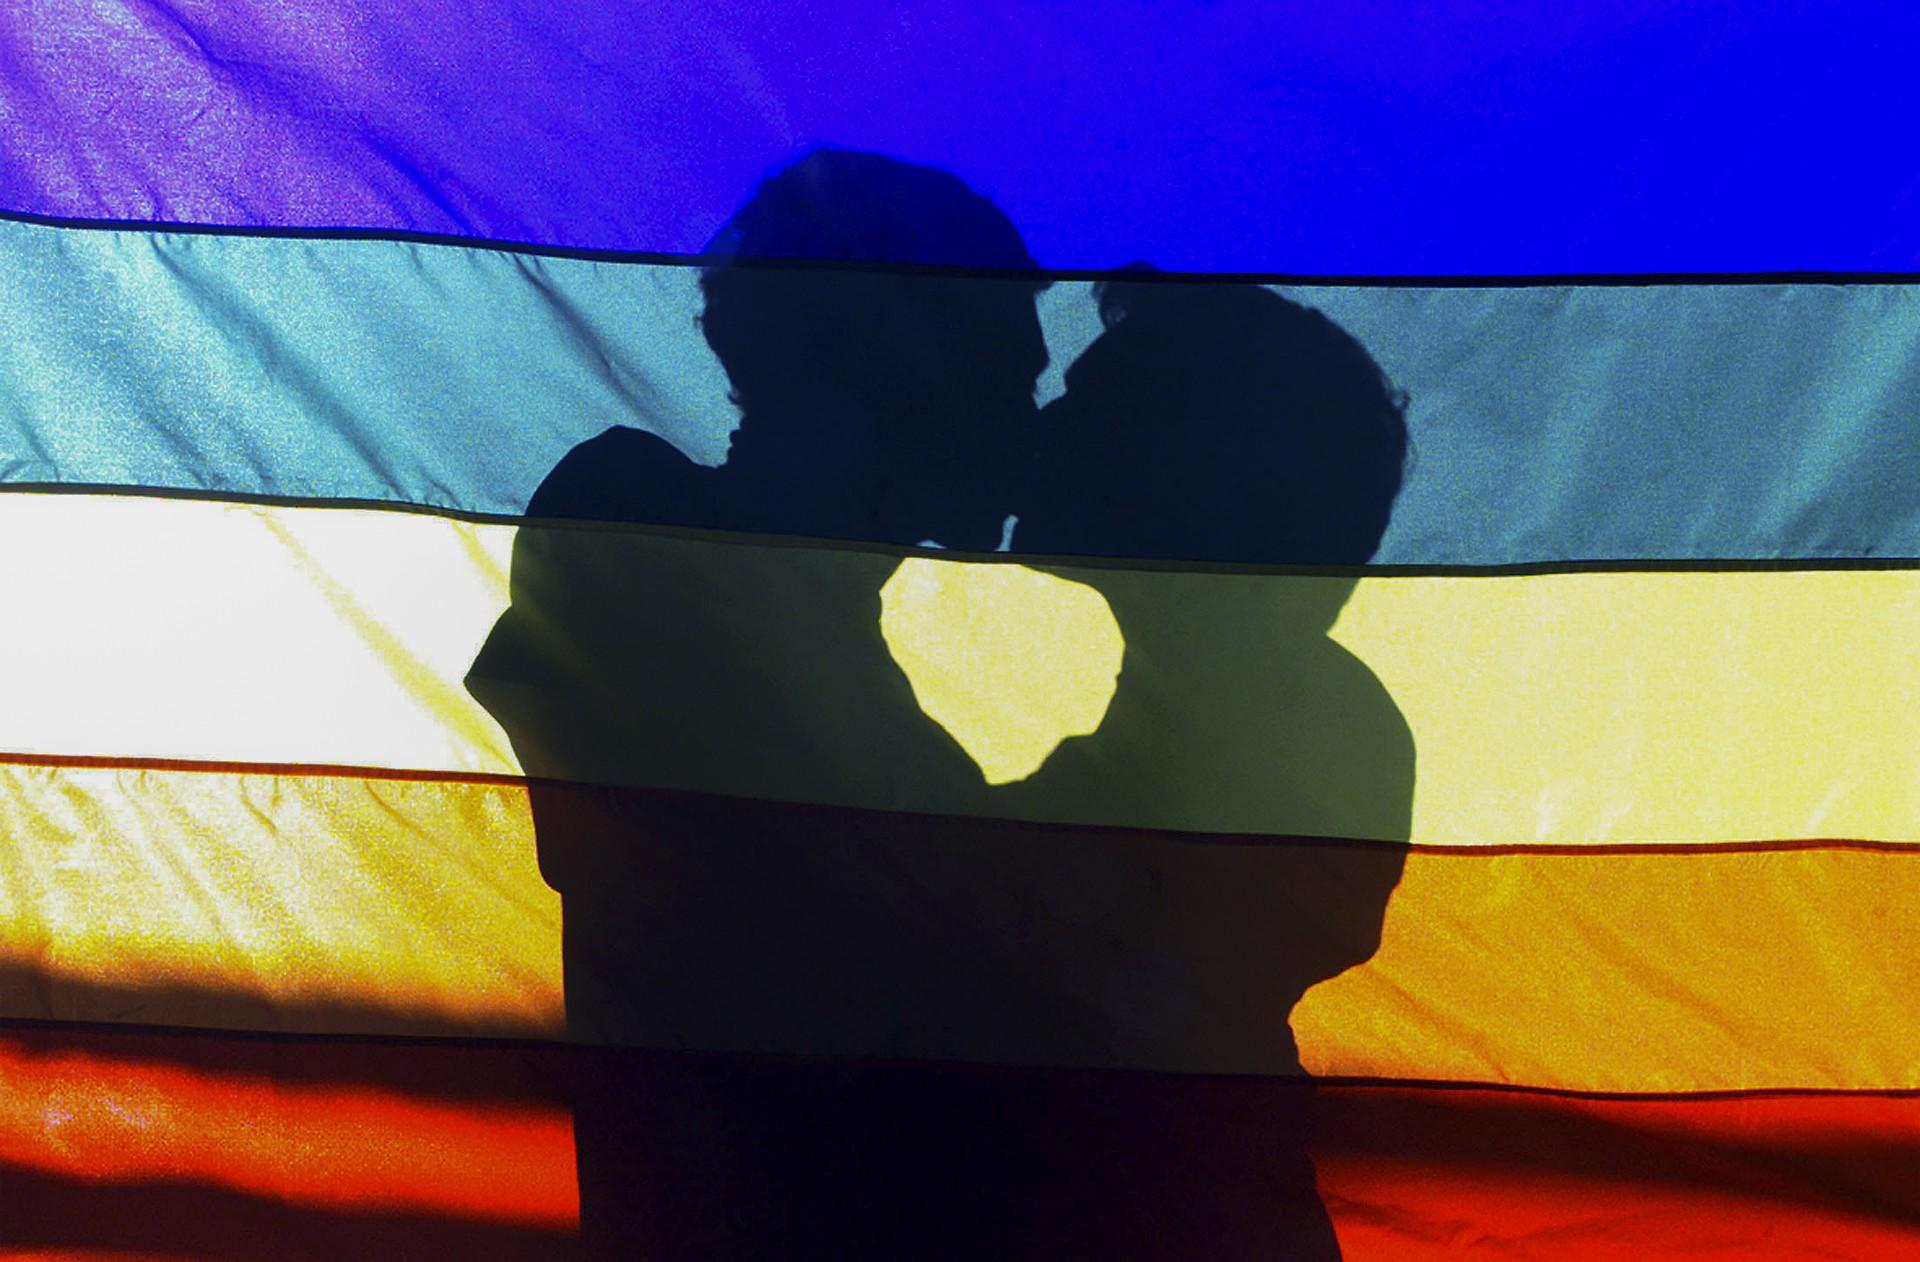 Rainbow flag, two men kissing